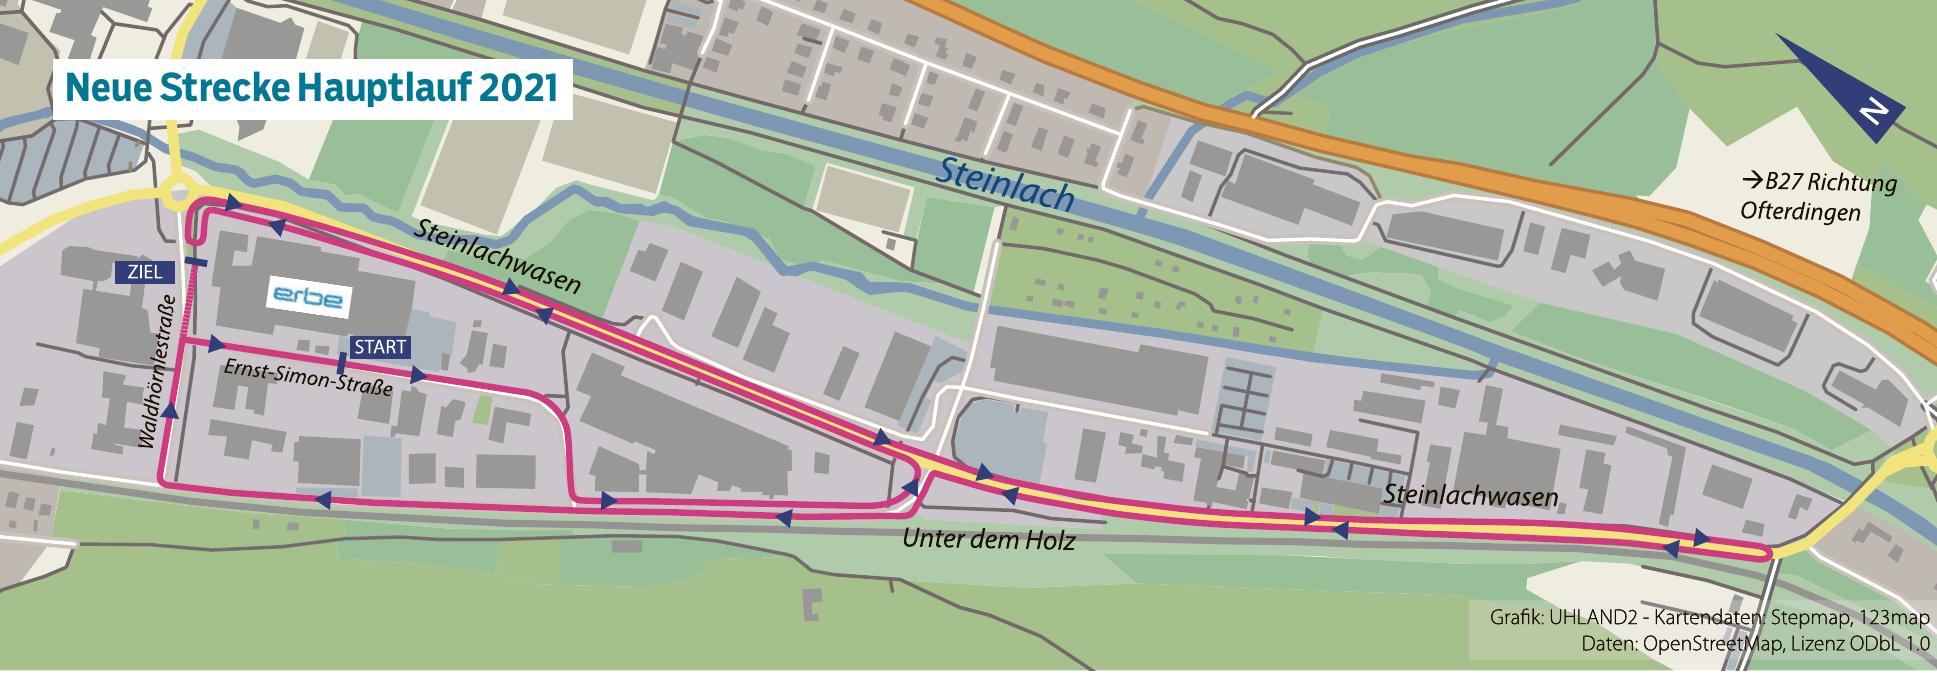 """Start des Hauptlaufs ist in der Ernst-Simon-Straße. Die Strecke führt um das Erbe Firmengebäude, dann hinunter über den """"Steinlachwasen"""". Kurz vor demKreisel zur B27 geht es wieder zurück über """"Unter dem Holz"""" und biegt zur Waldhörnlestraße ab, bevor es erneut in die Ernst-Simon-Straße geht. Es werden 2,5 Runden gelaufen."""